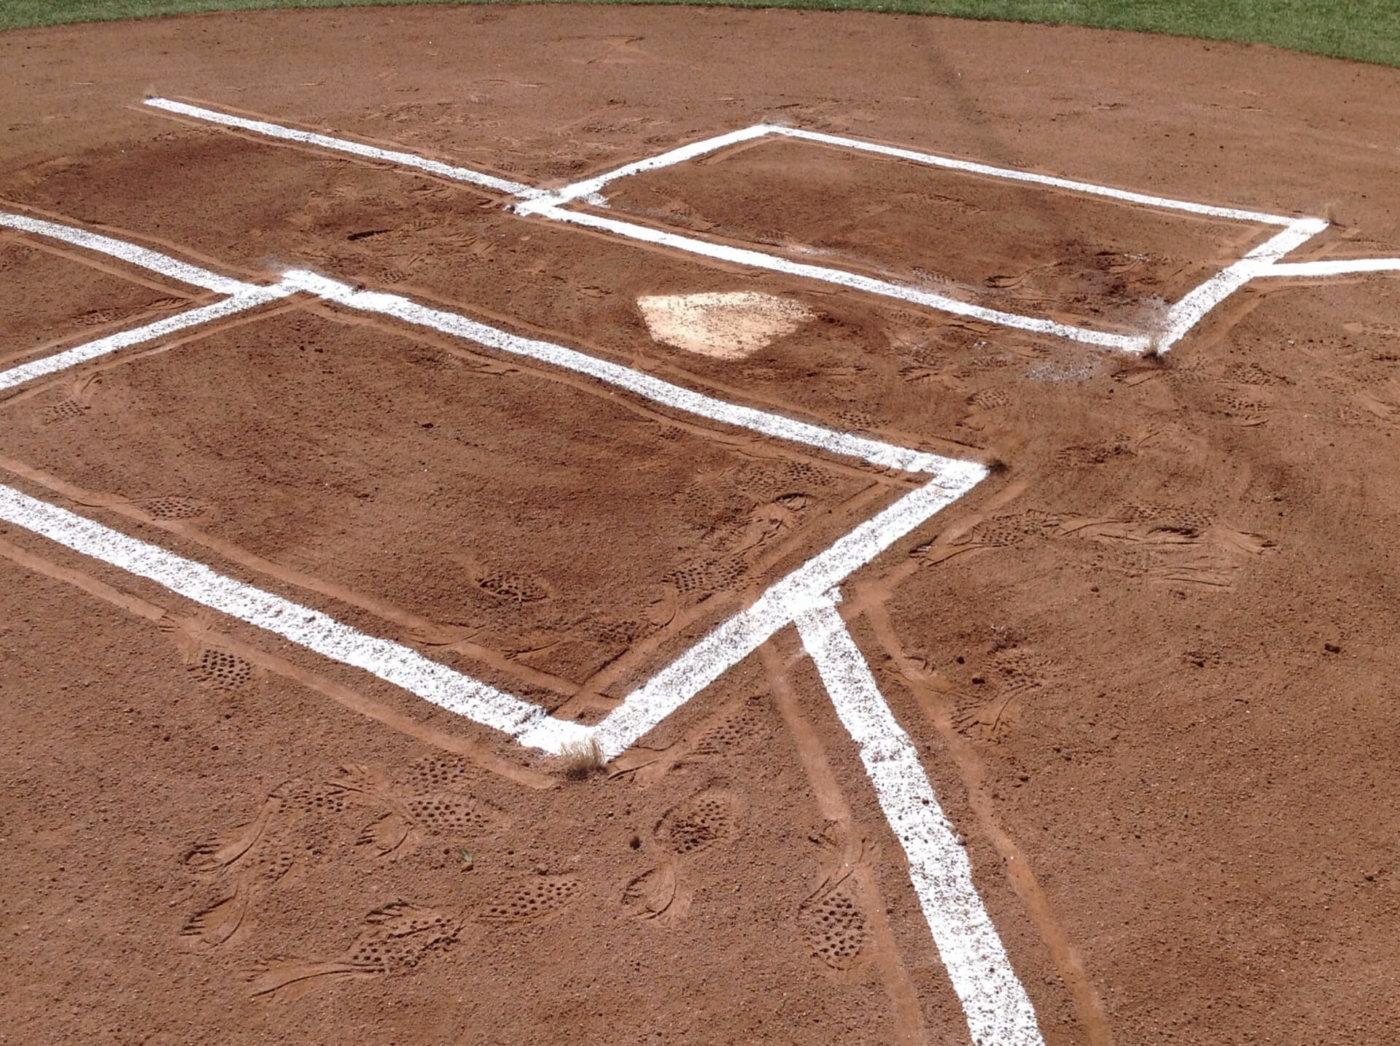 ソフトボールのルールを教えて!ストライクゾーンってどこ?